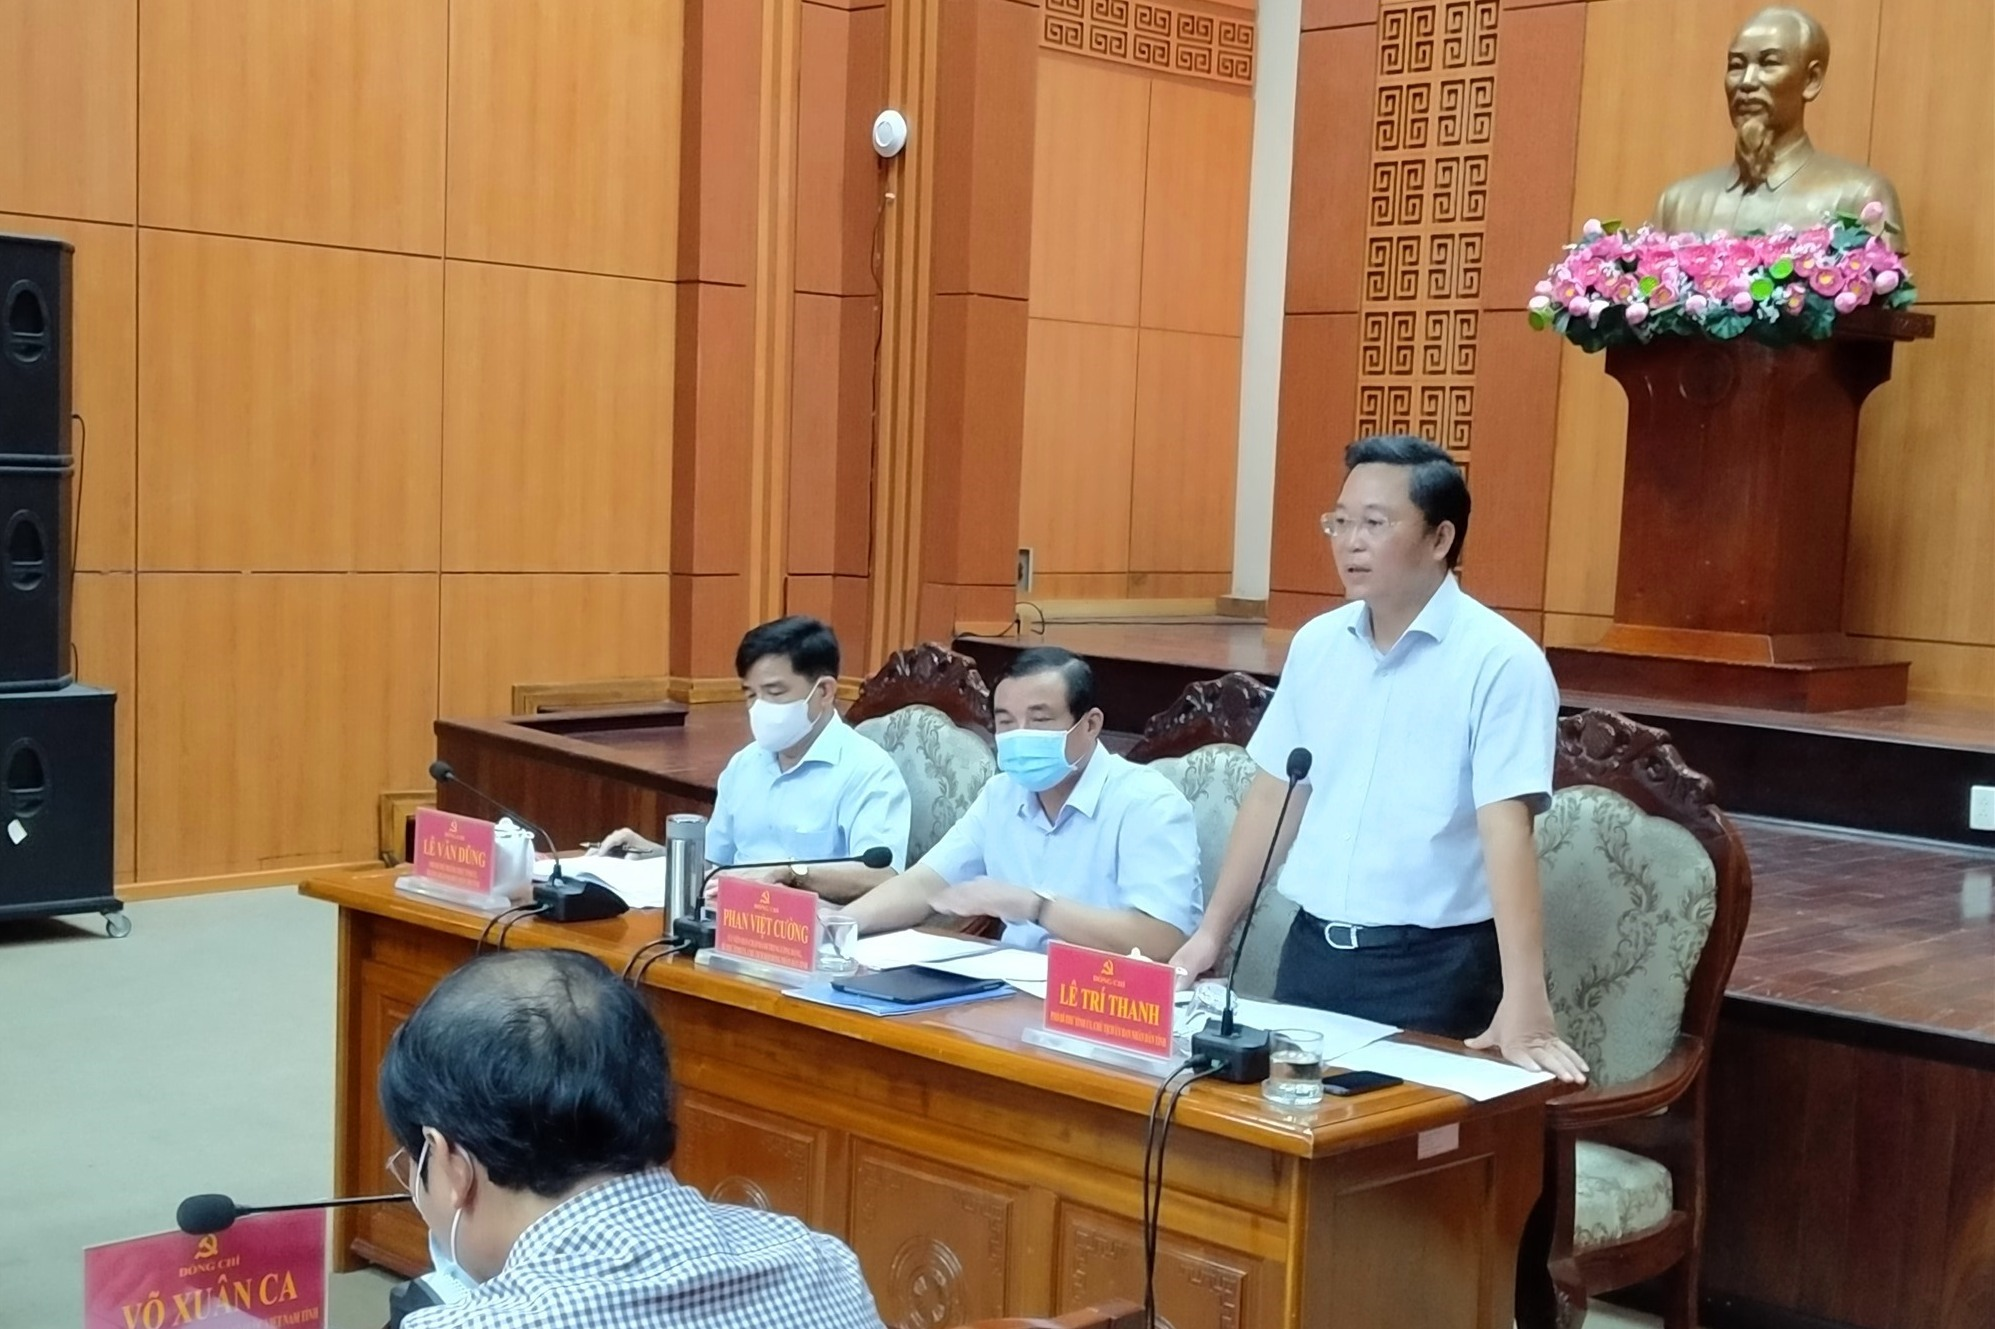 Chủ tịch UBND tỉnh Lê Trí Thanh điều hành thảo luận cùng người đứng đầu cấp ủy các địa phương tại hội nghị trực tuyến sáng nay 7.8. Ảnh: N.Đ